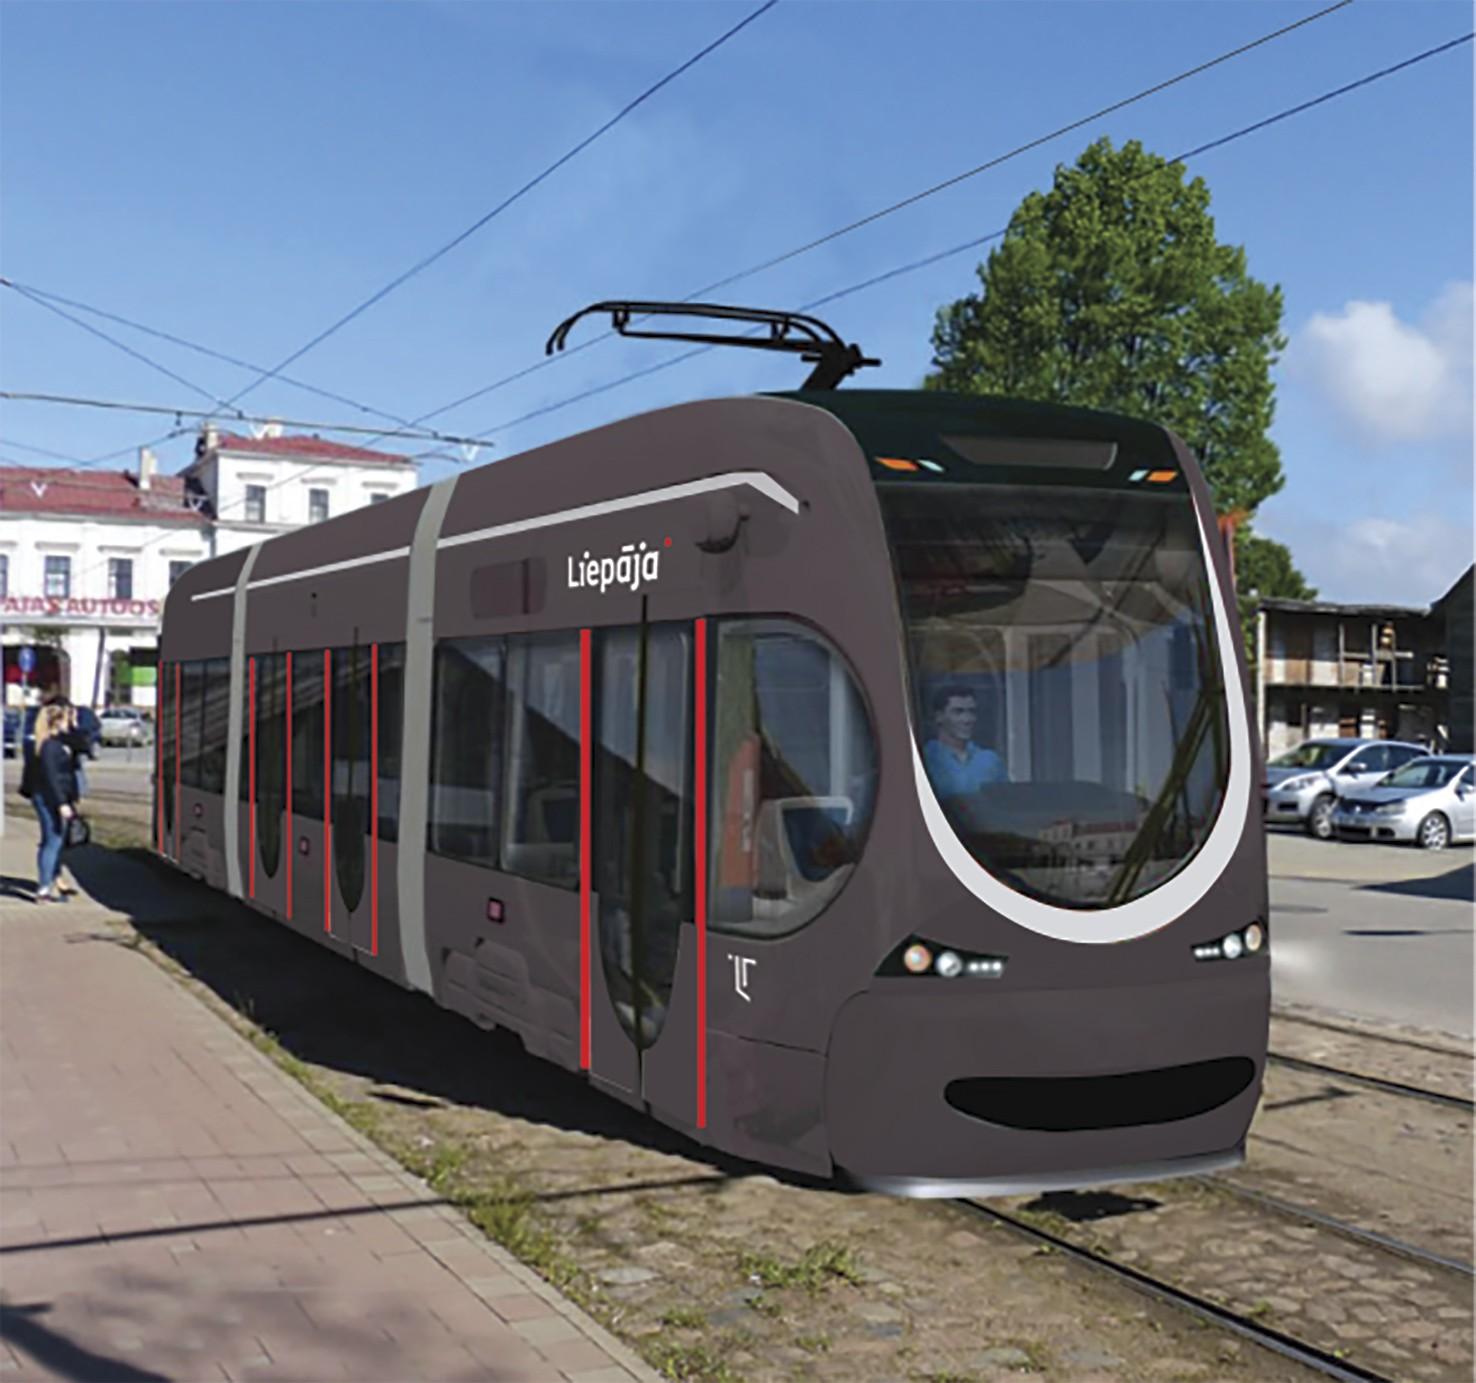 Iedzīvotāji aicināti izvēlēties piemērotāko dizainu jaunajiem tramvajiem